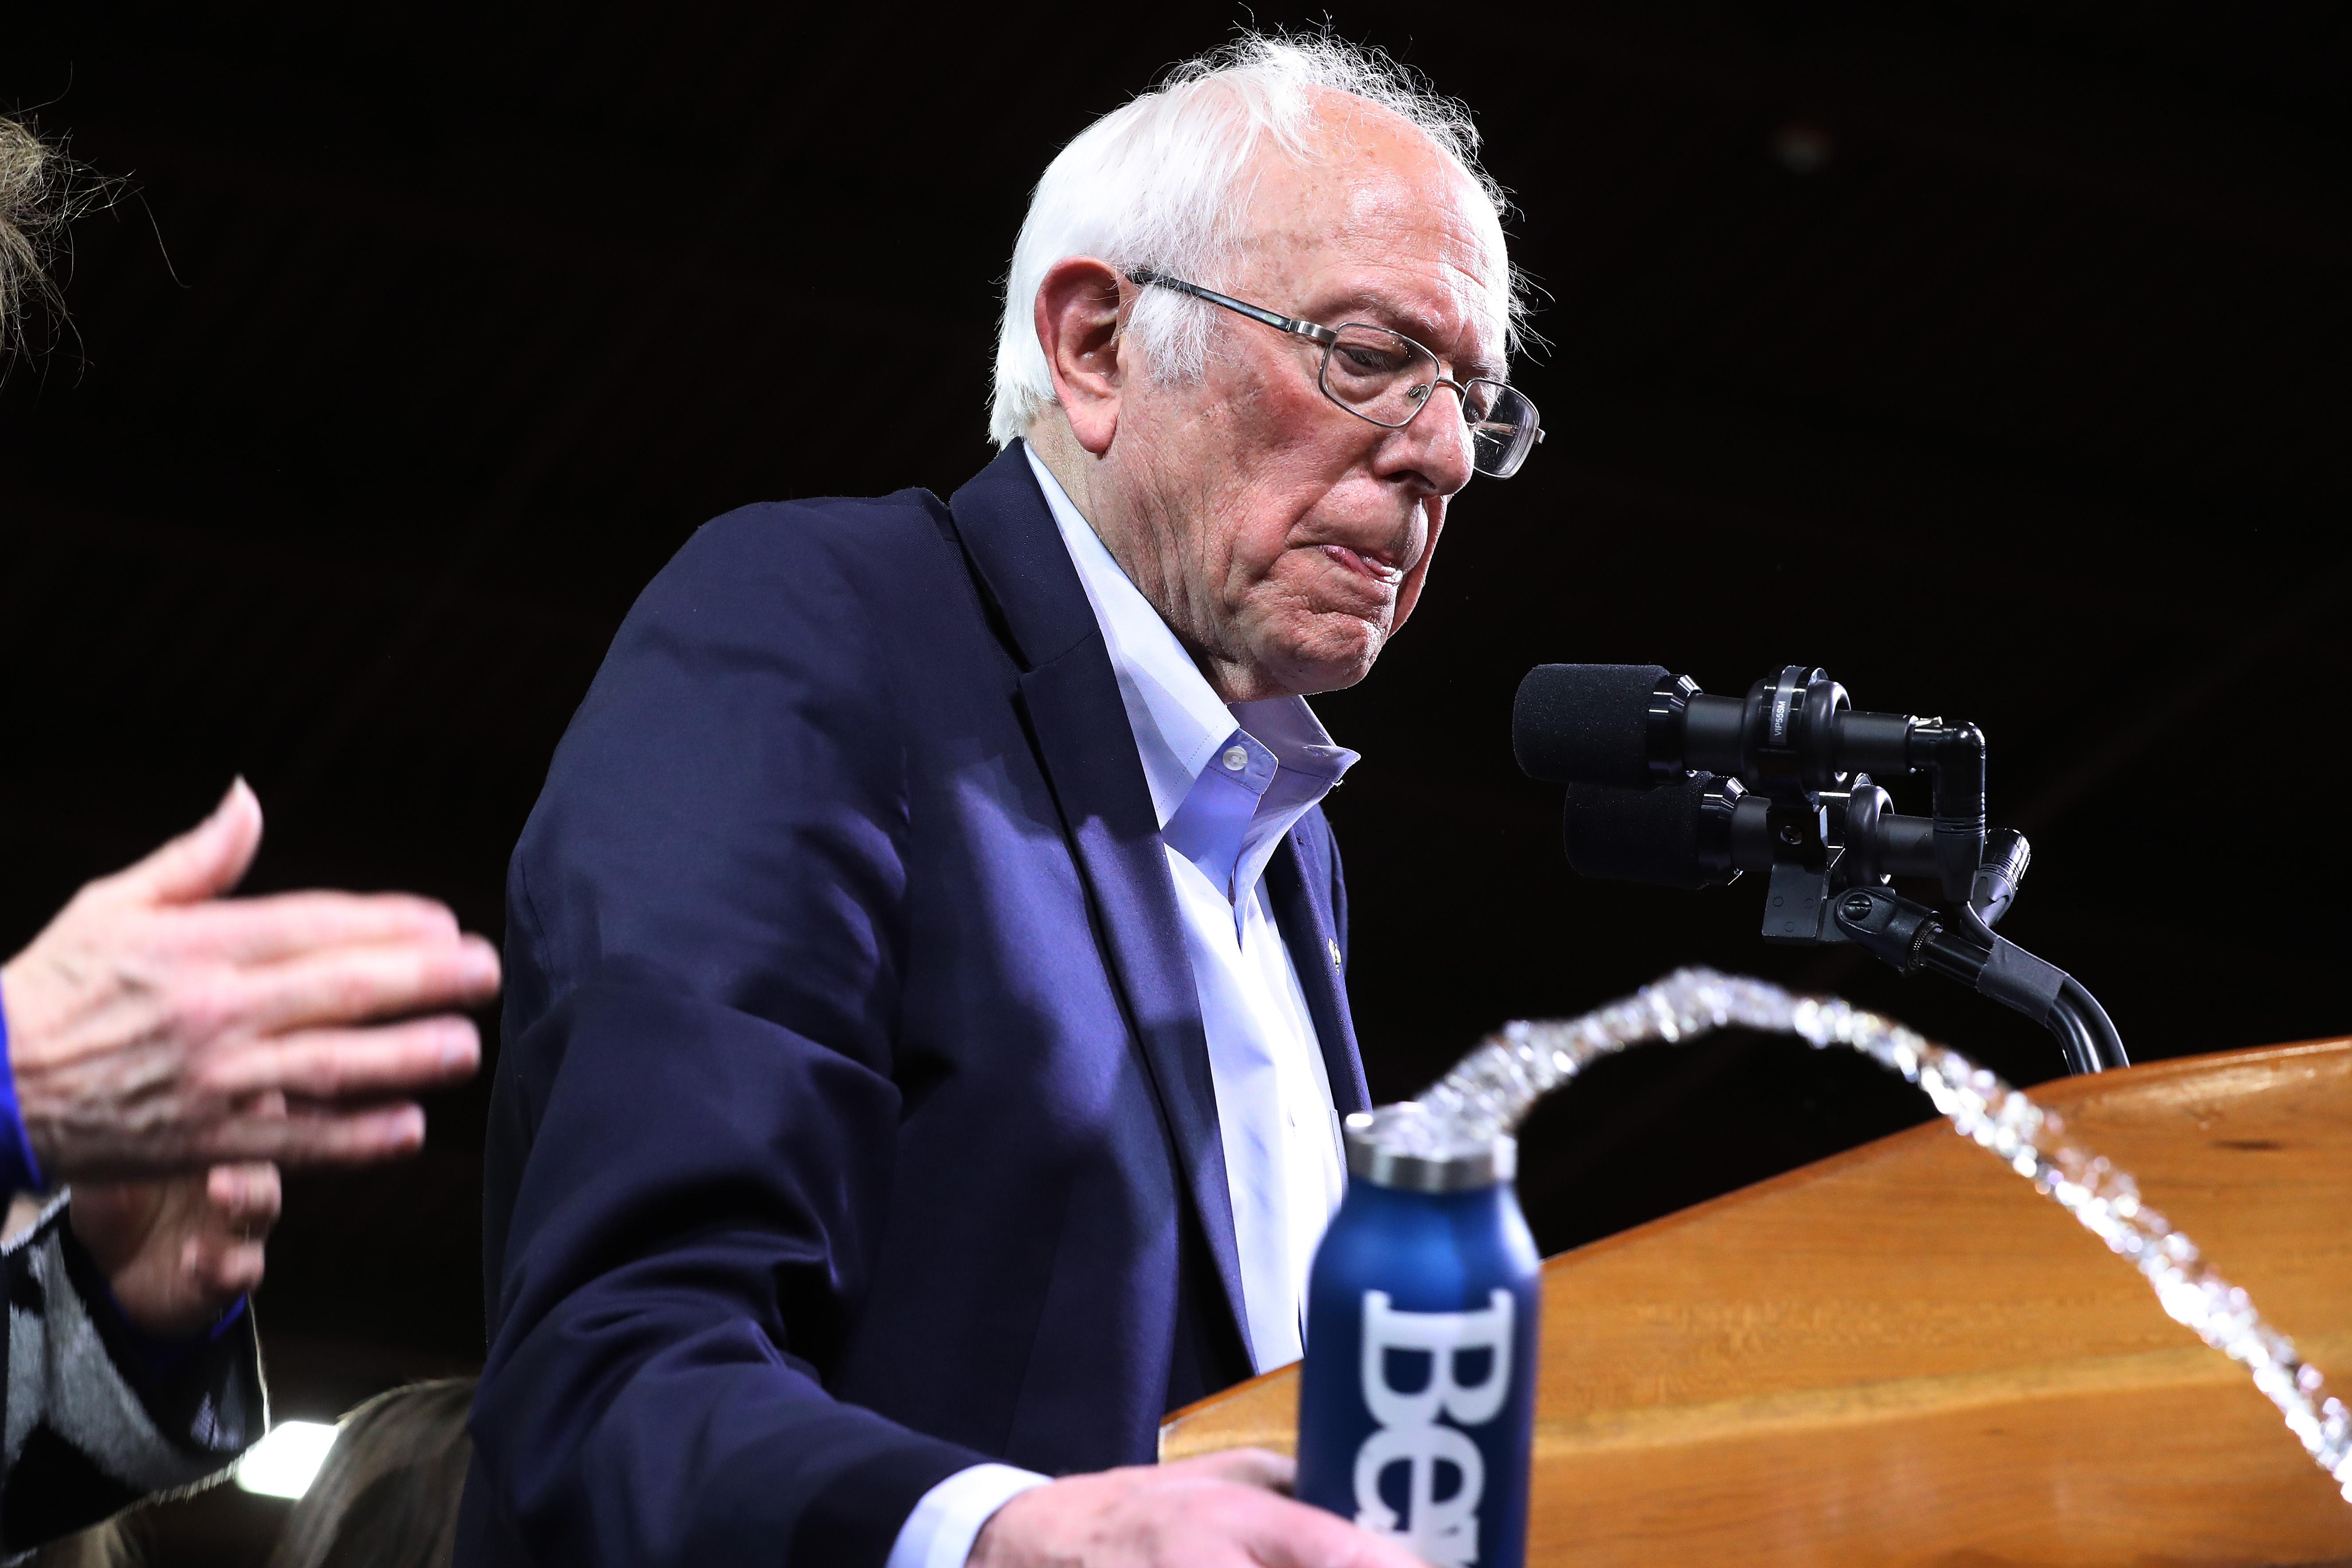 Bernie Sanders kiszáll az elnökjelöltségért folyó harcból